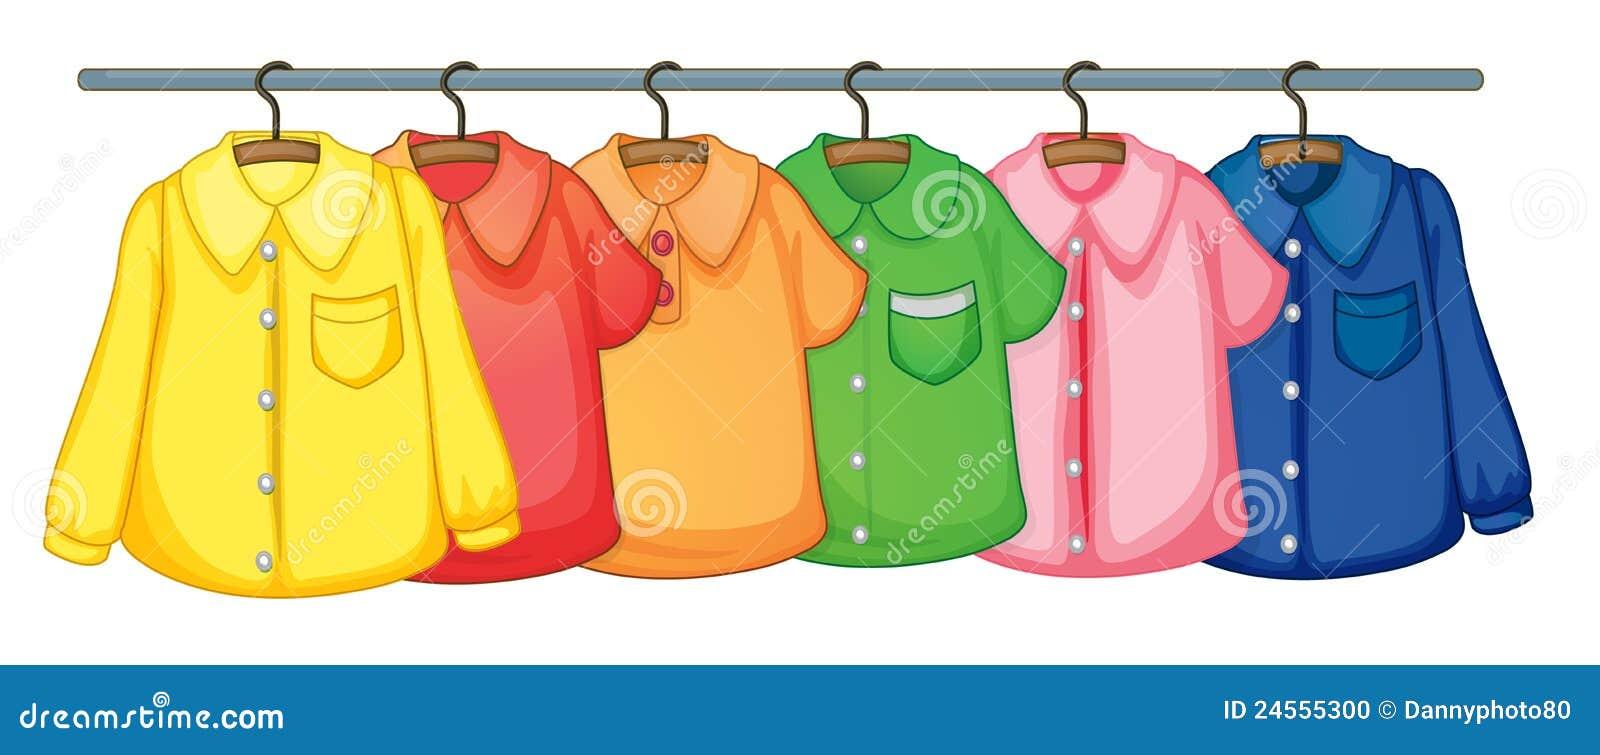 S arrêter de vêtements